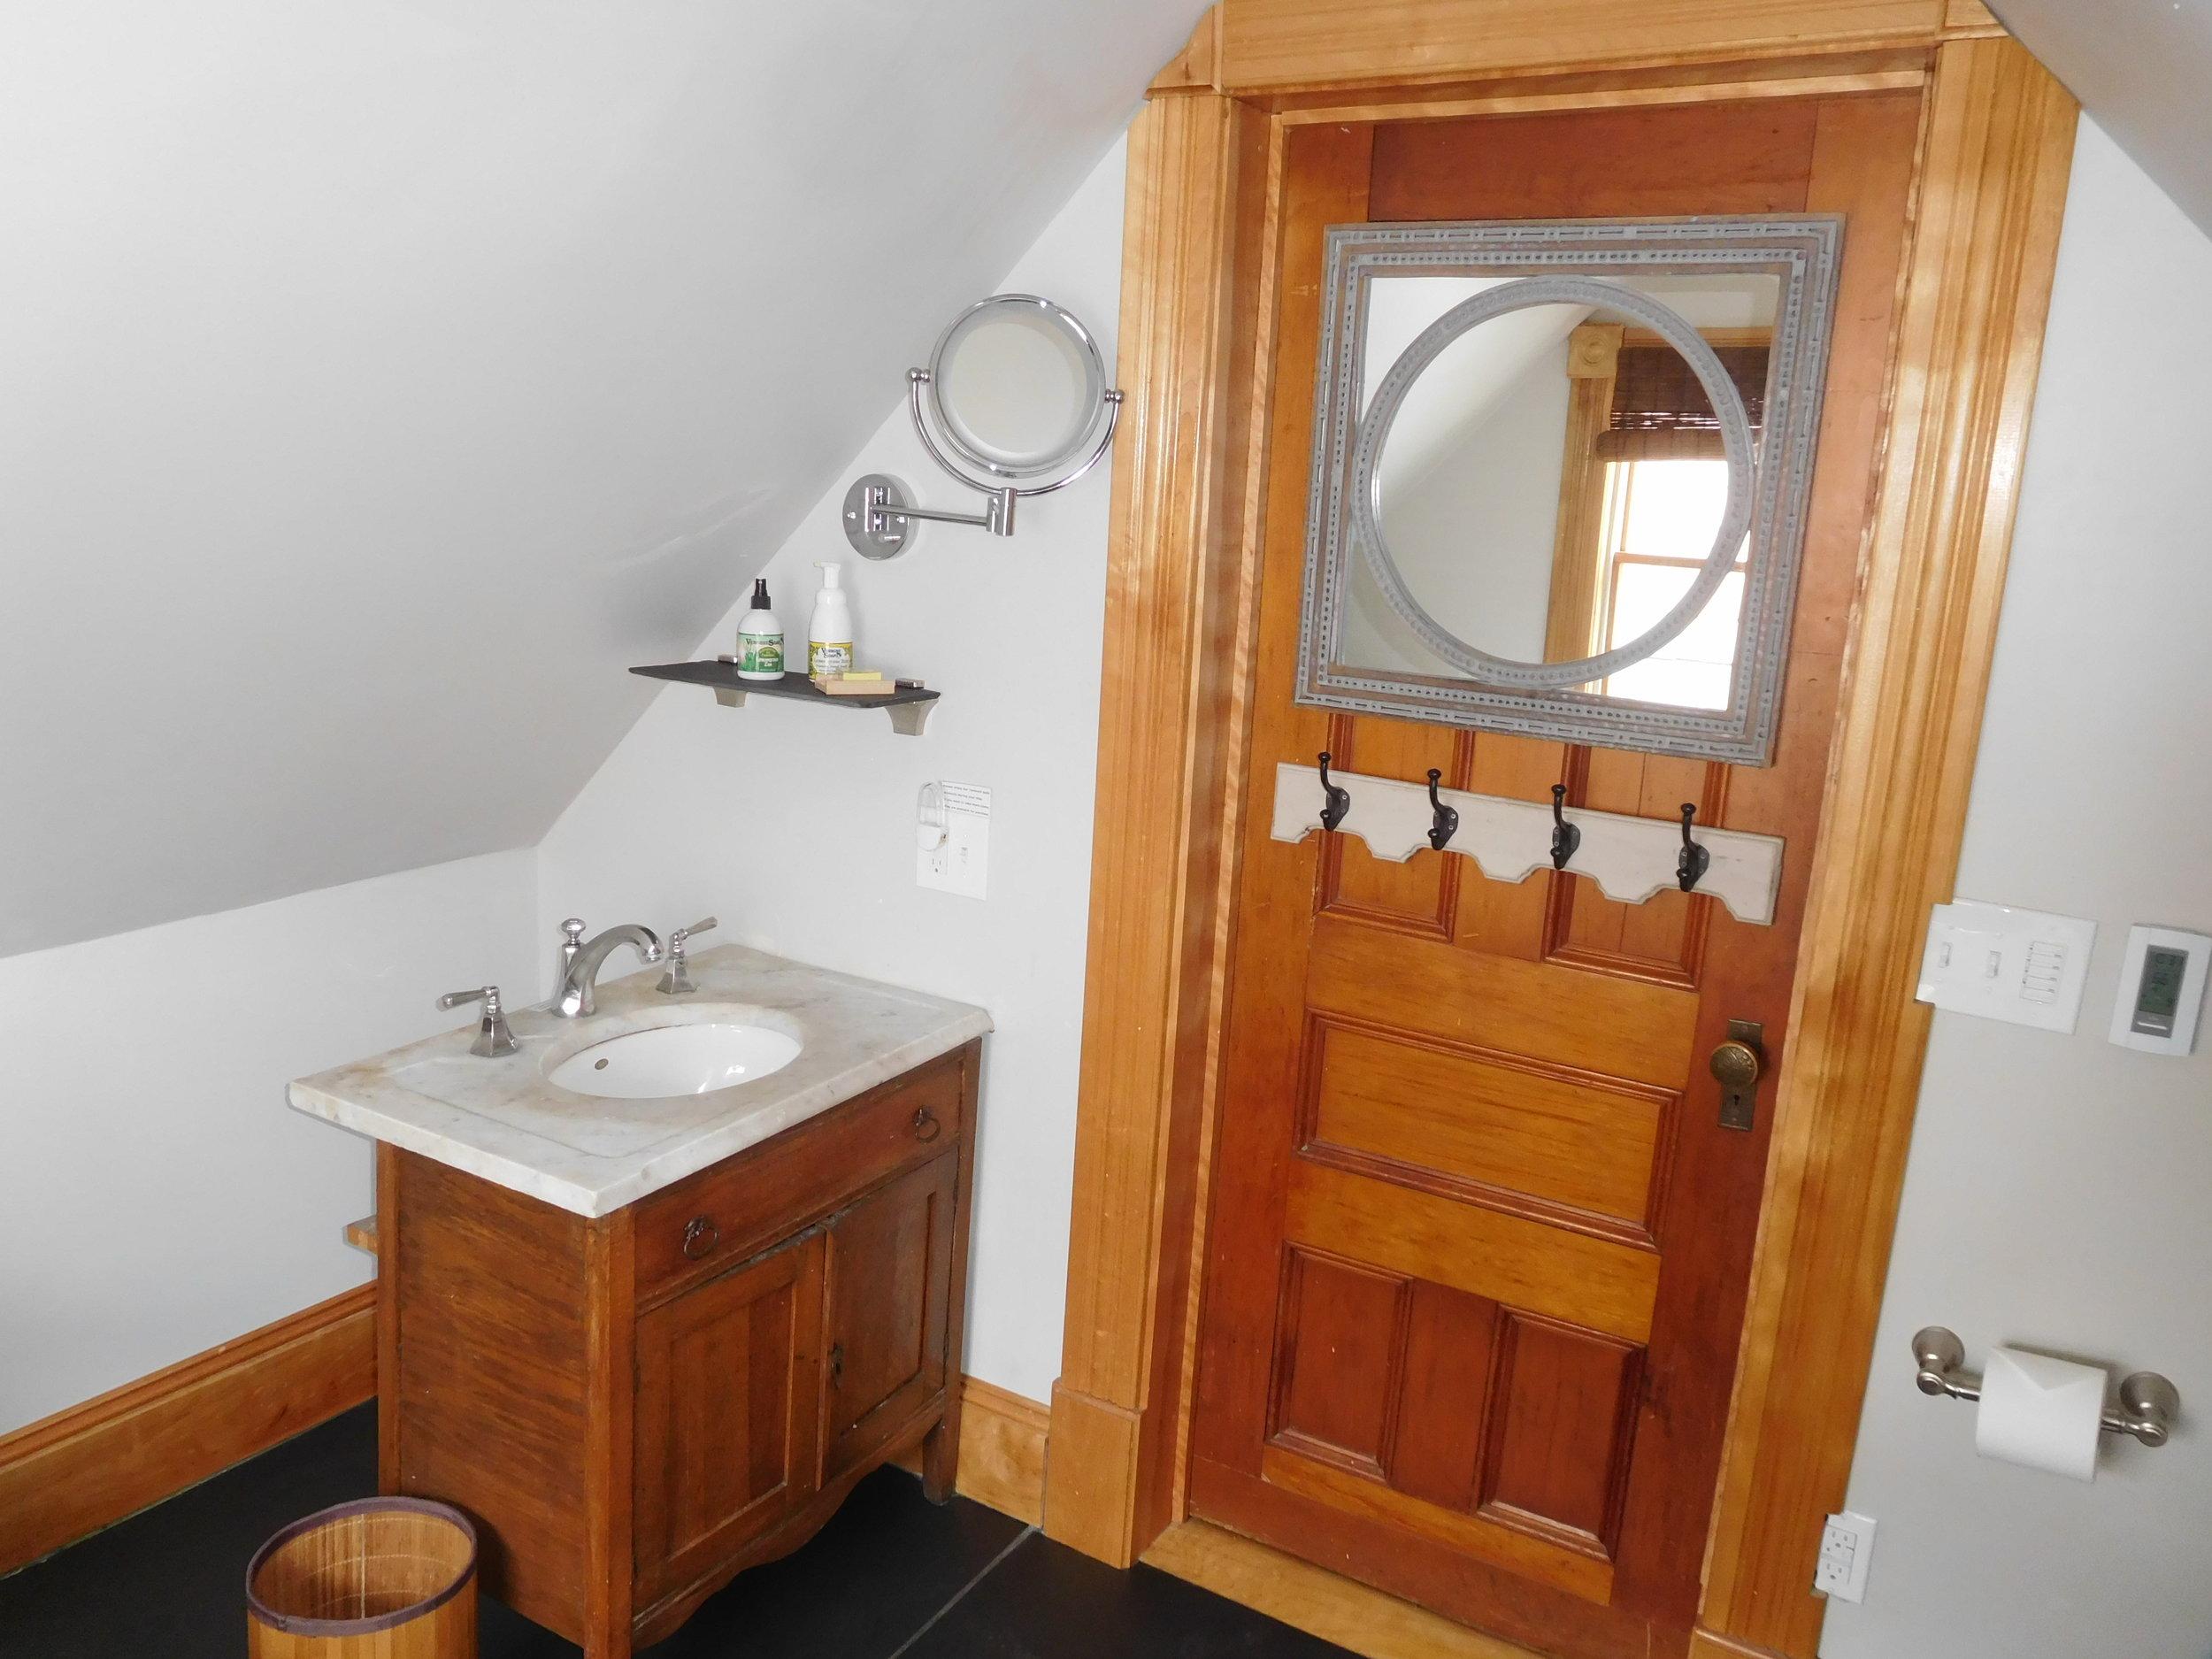 Carriage House upstairs bathroom, marble sink, slate floors, original doors.